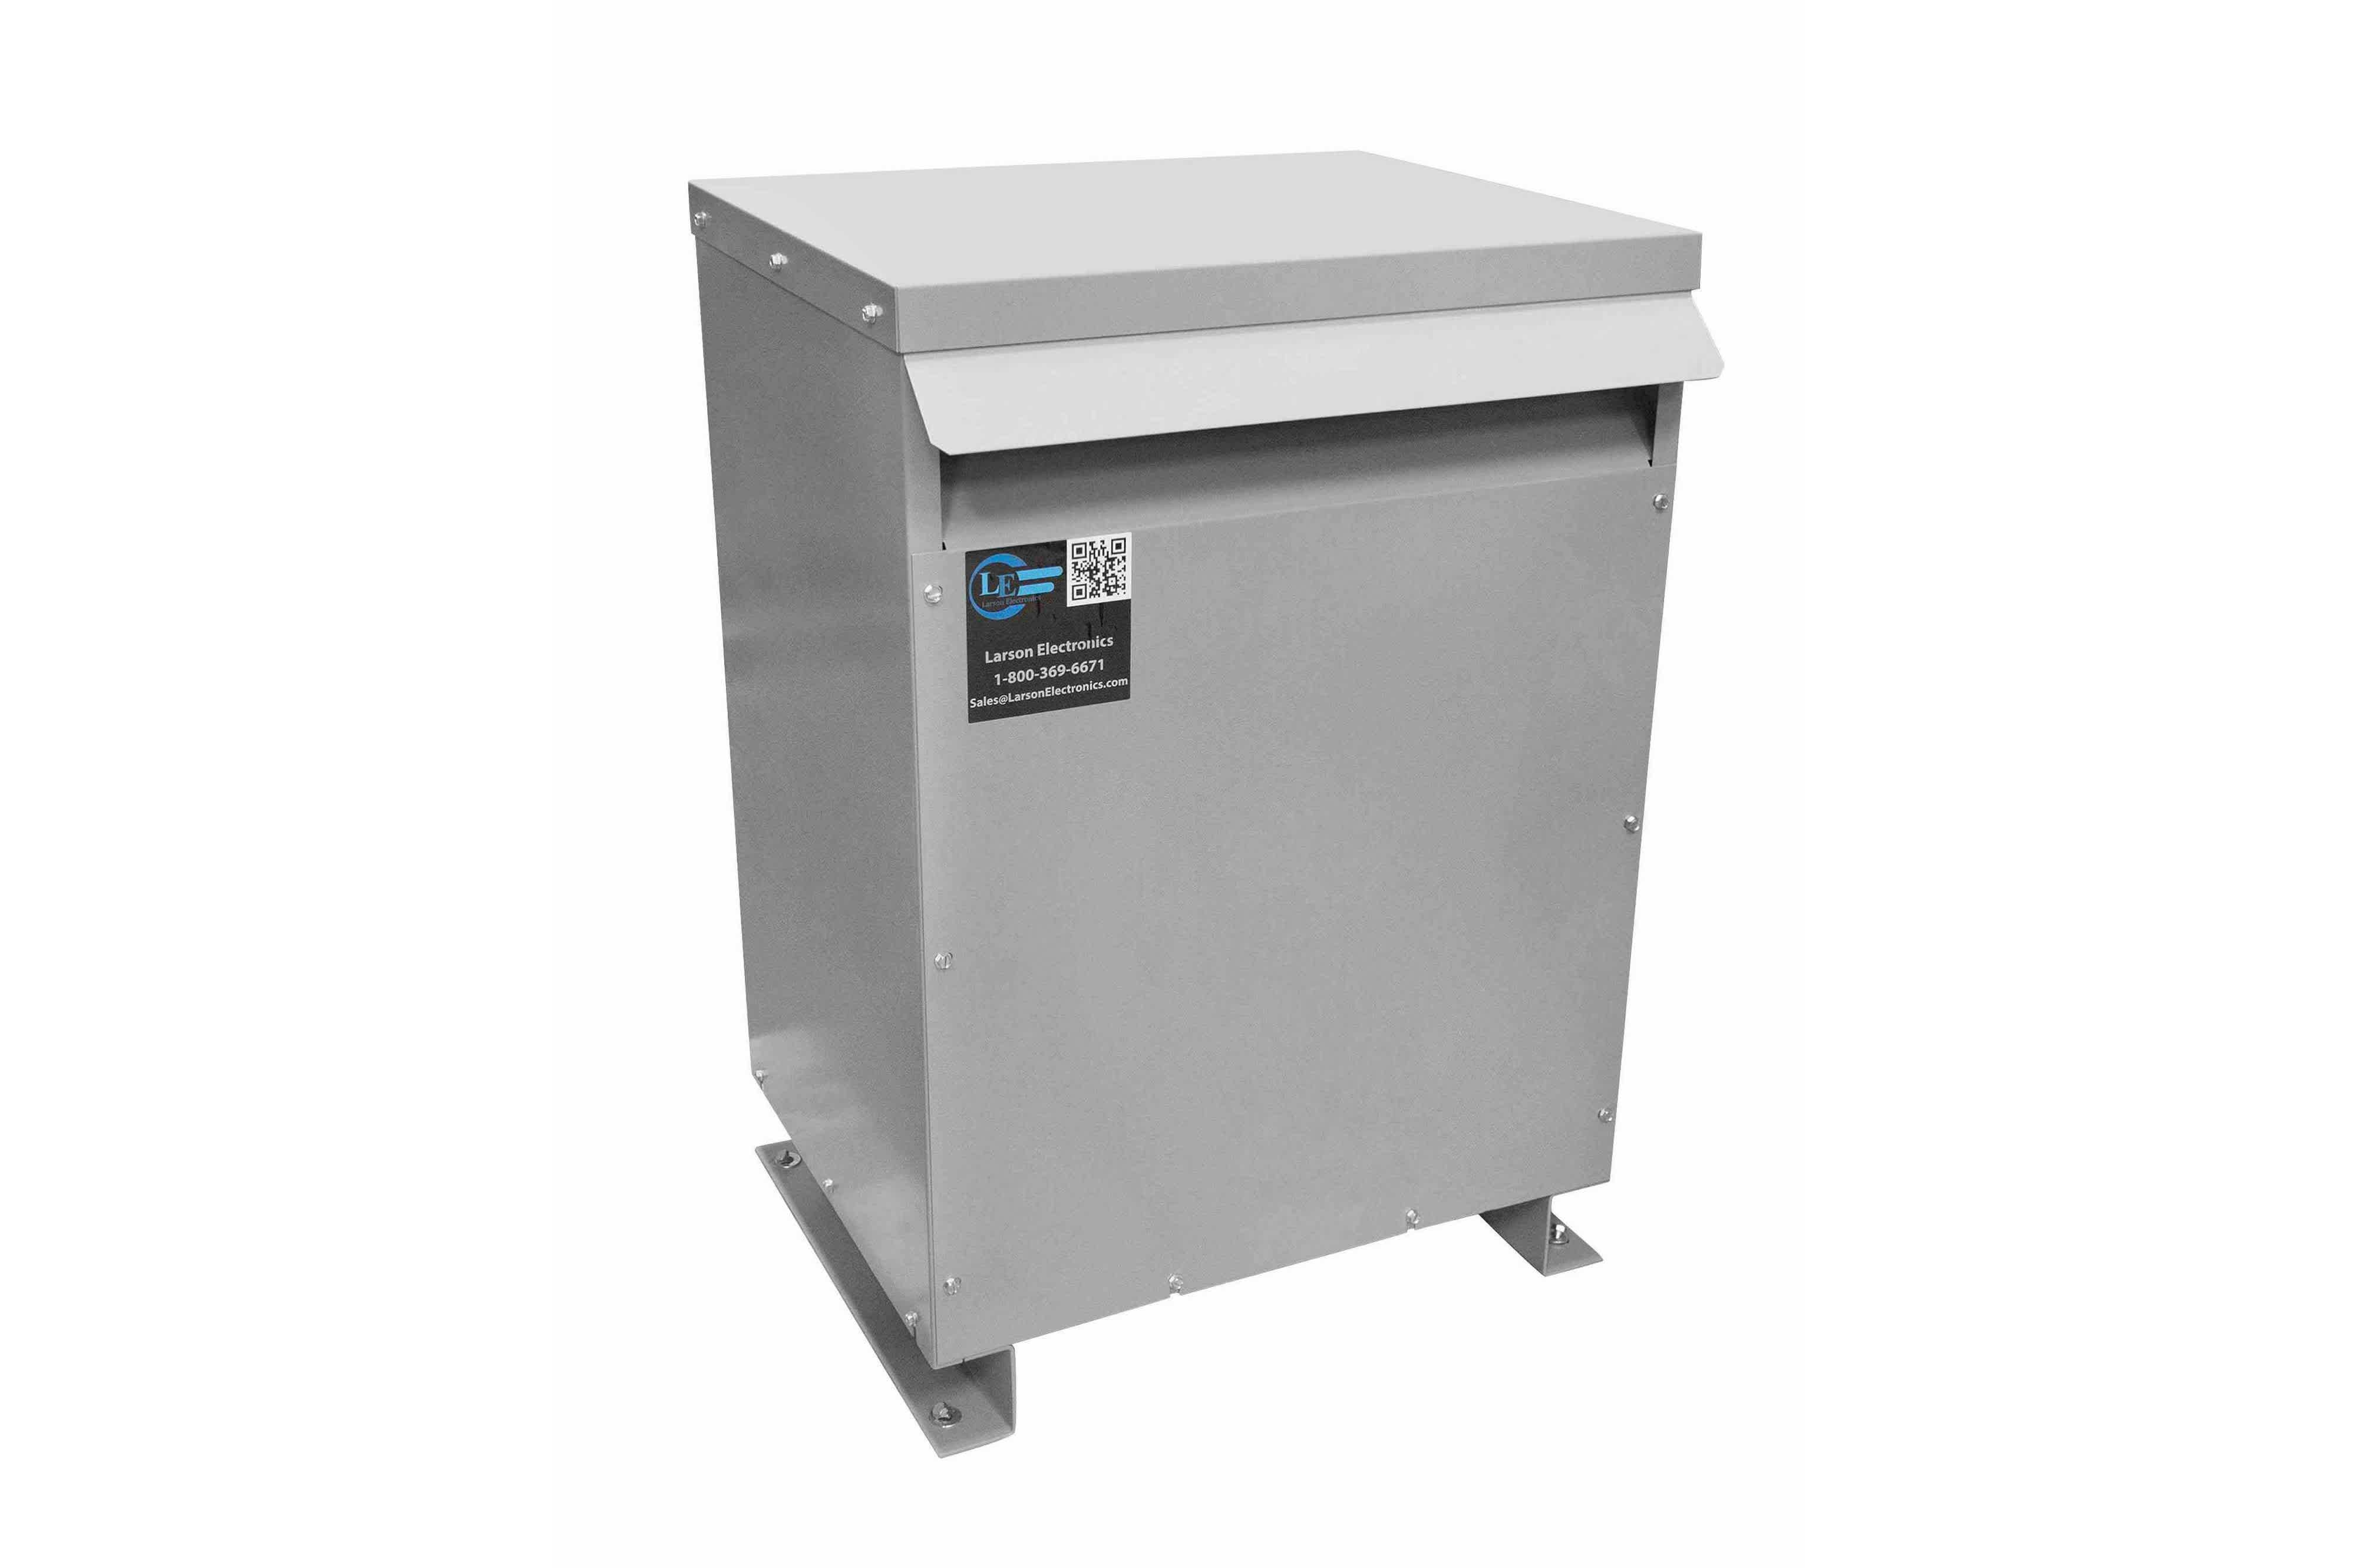 275 kVA 3PH Isolation Transformer, 480V Delta Primary, 400V Delta Secondary, N3R, Ventilated, 60 Hz